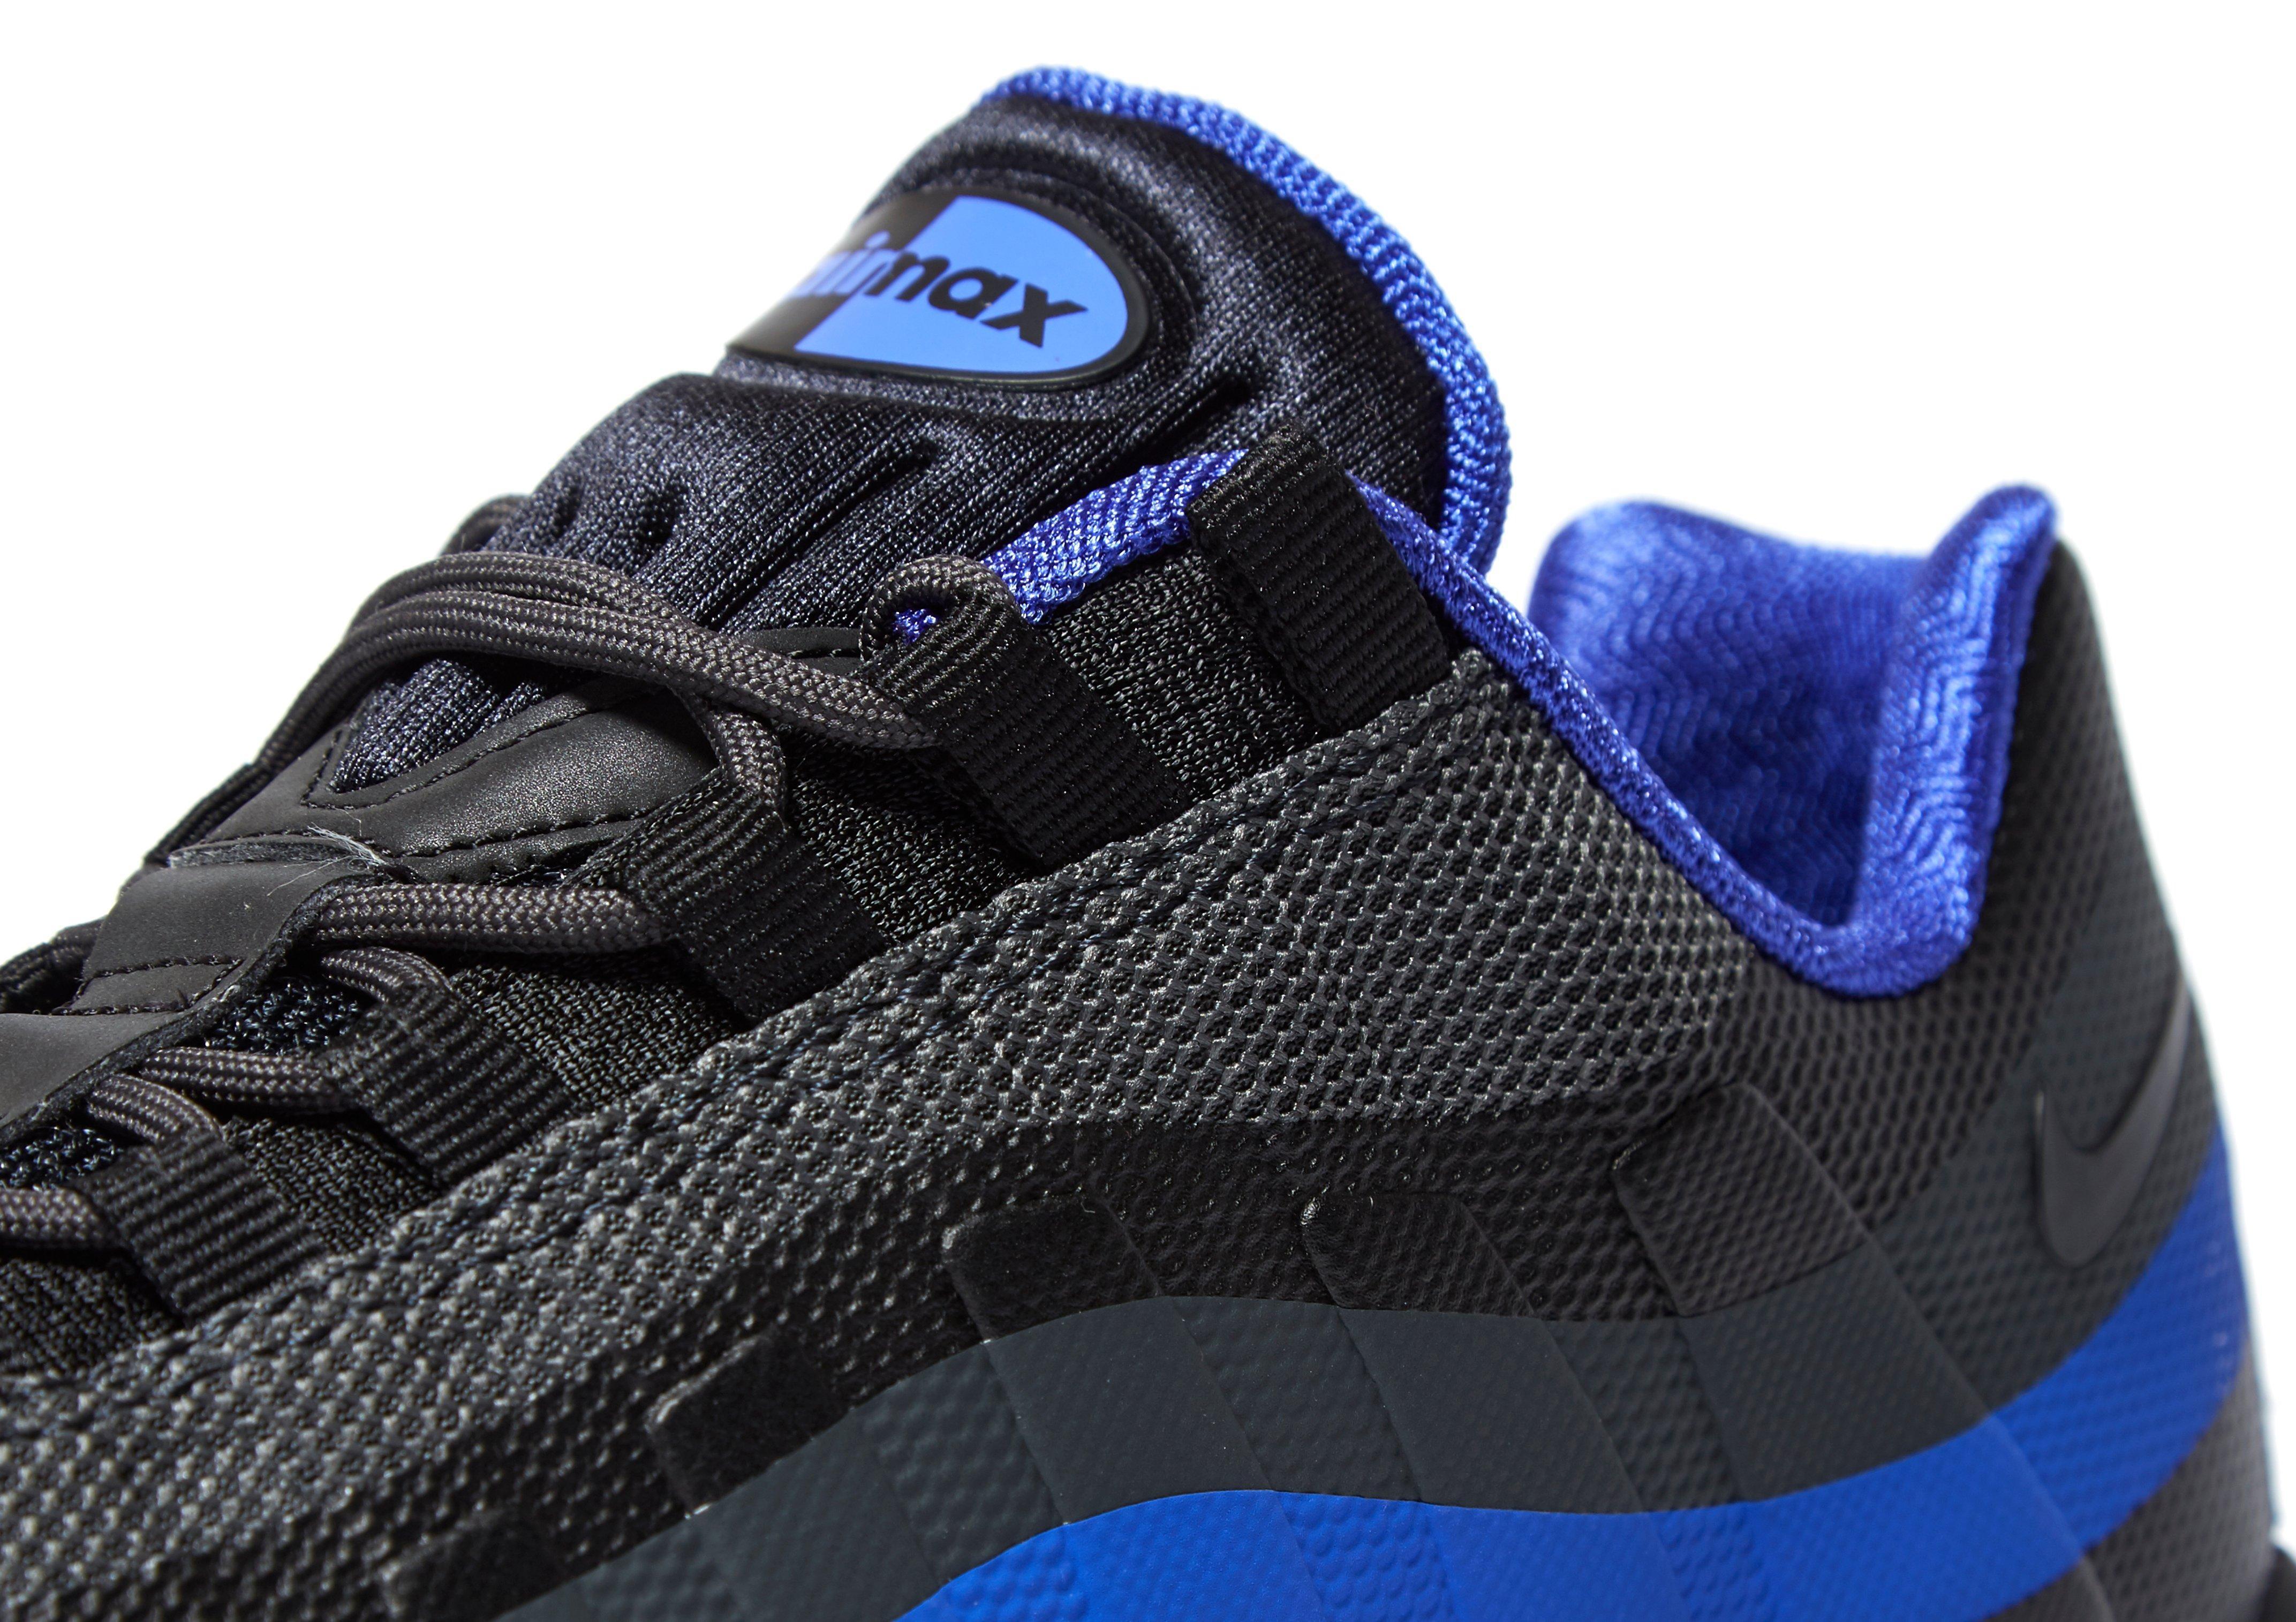 nike air max 95 ultra essential blue